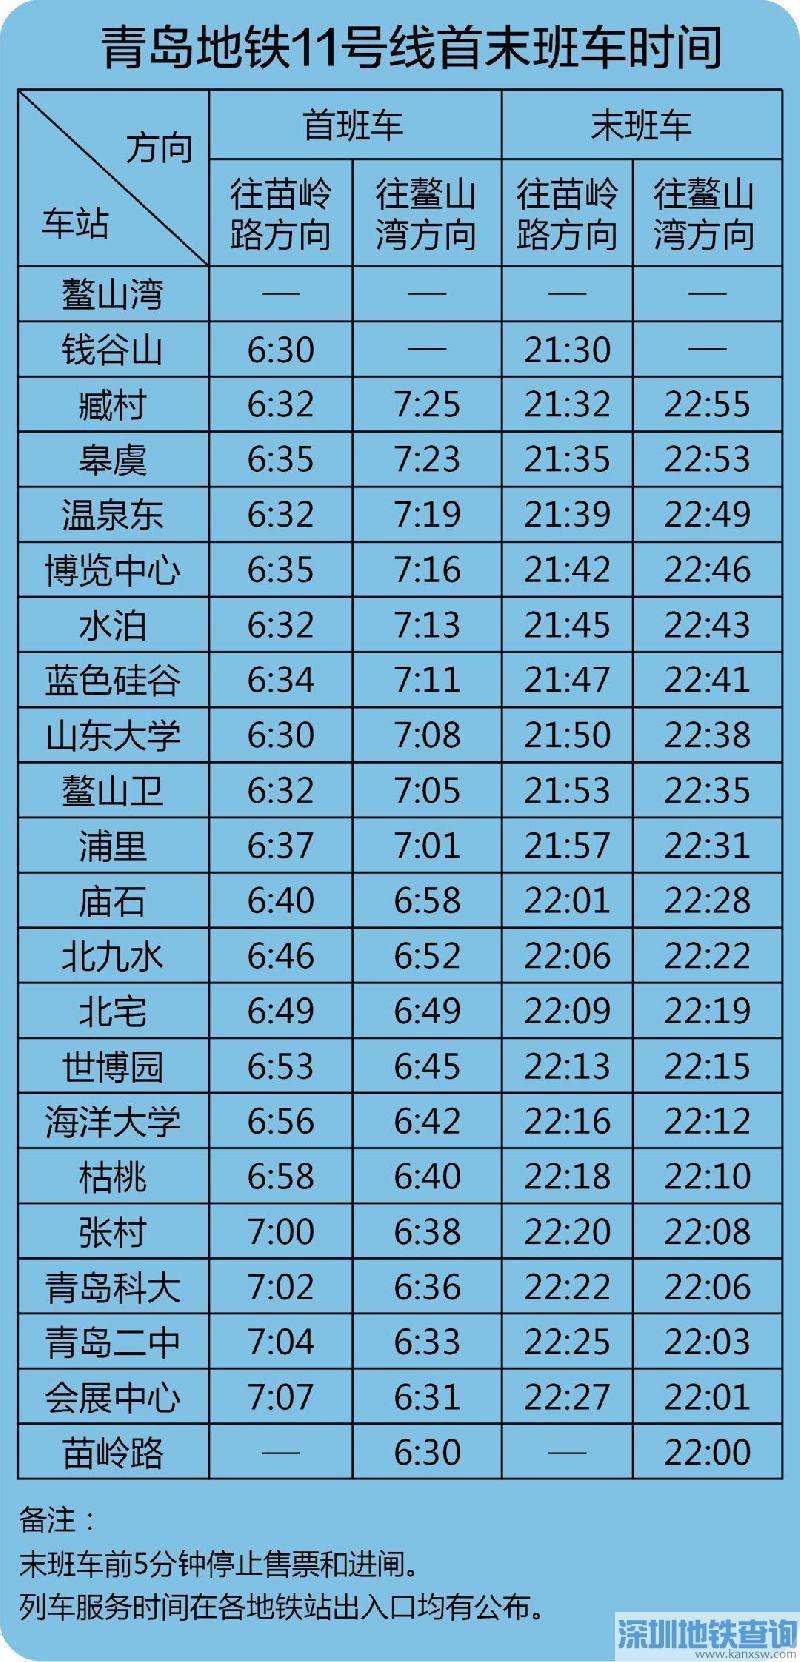 青岛地铁2号线、3号线、11号线首末班车运营时间、换乘信息一览